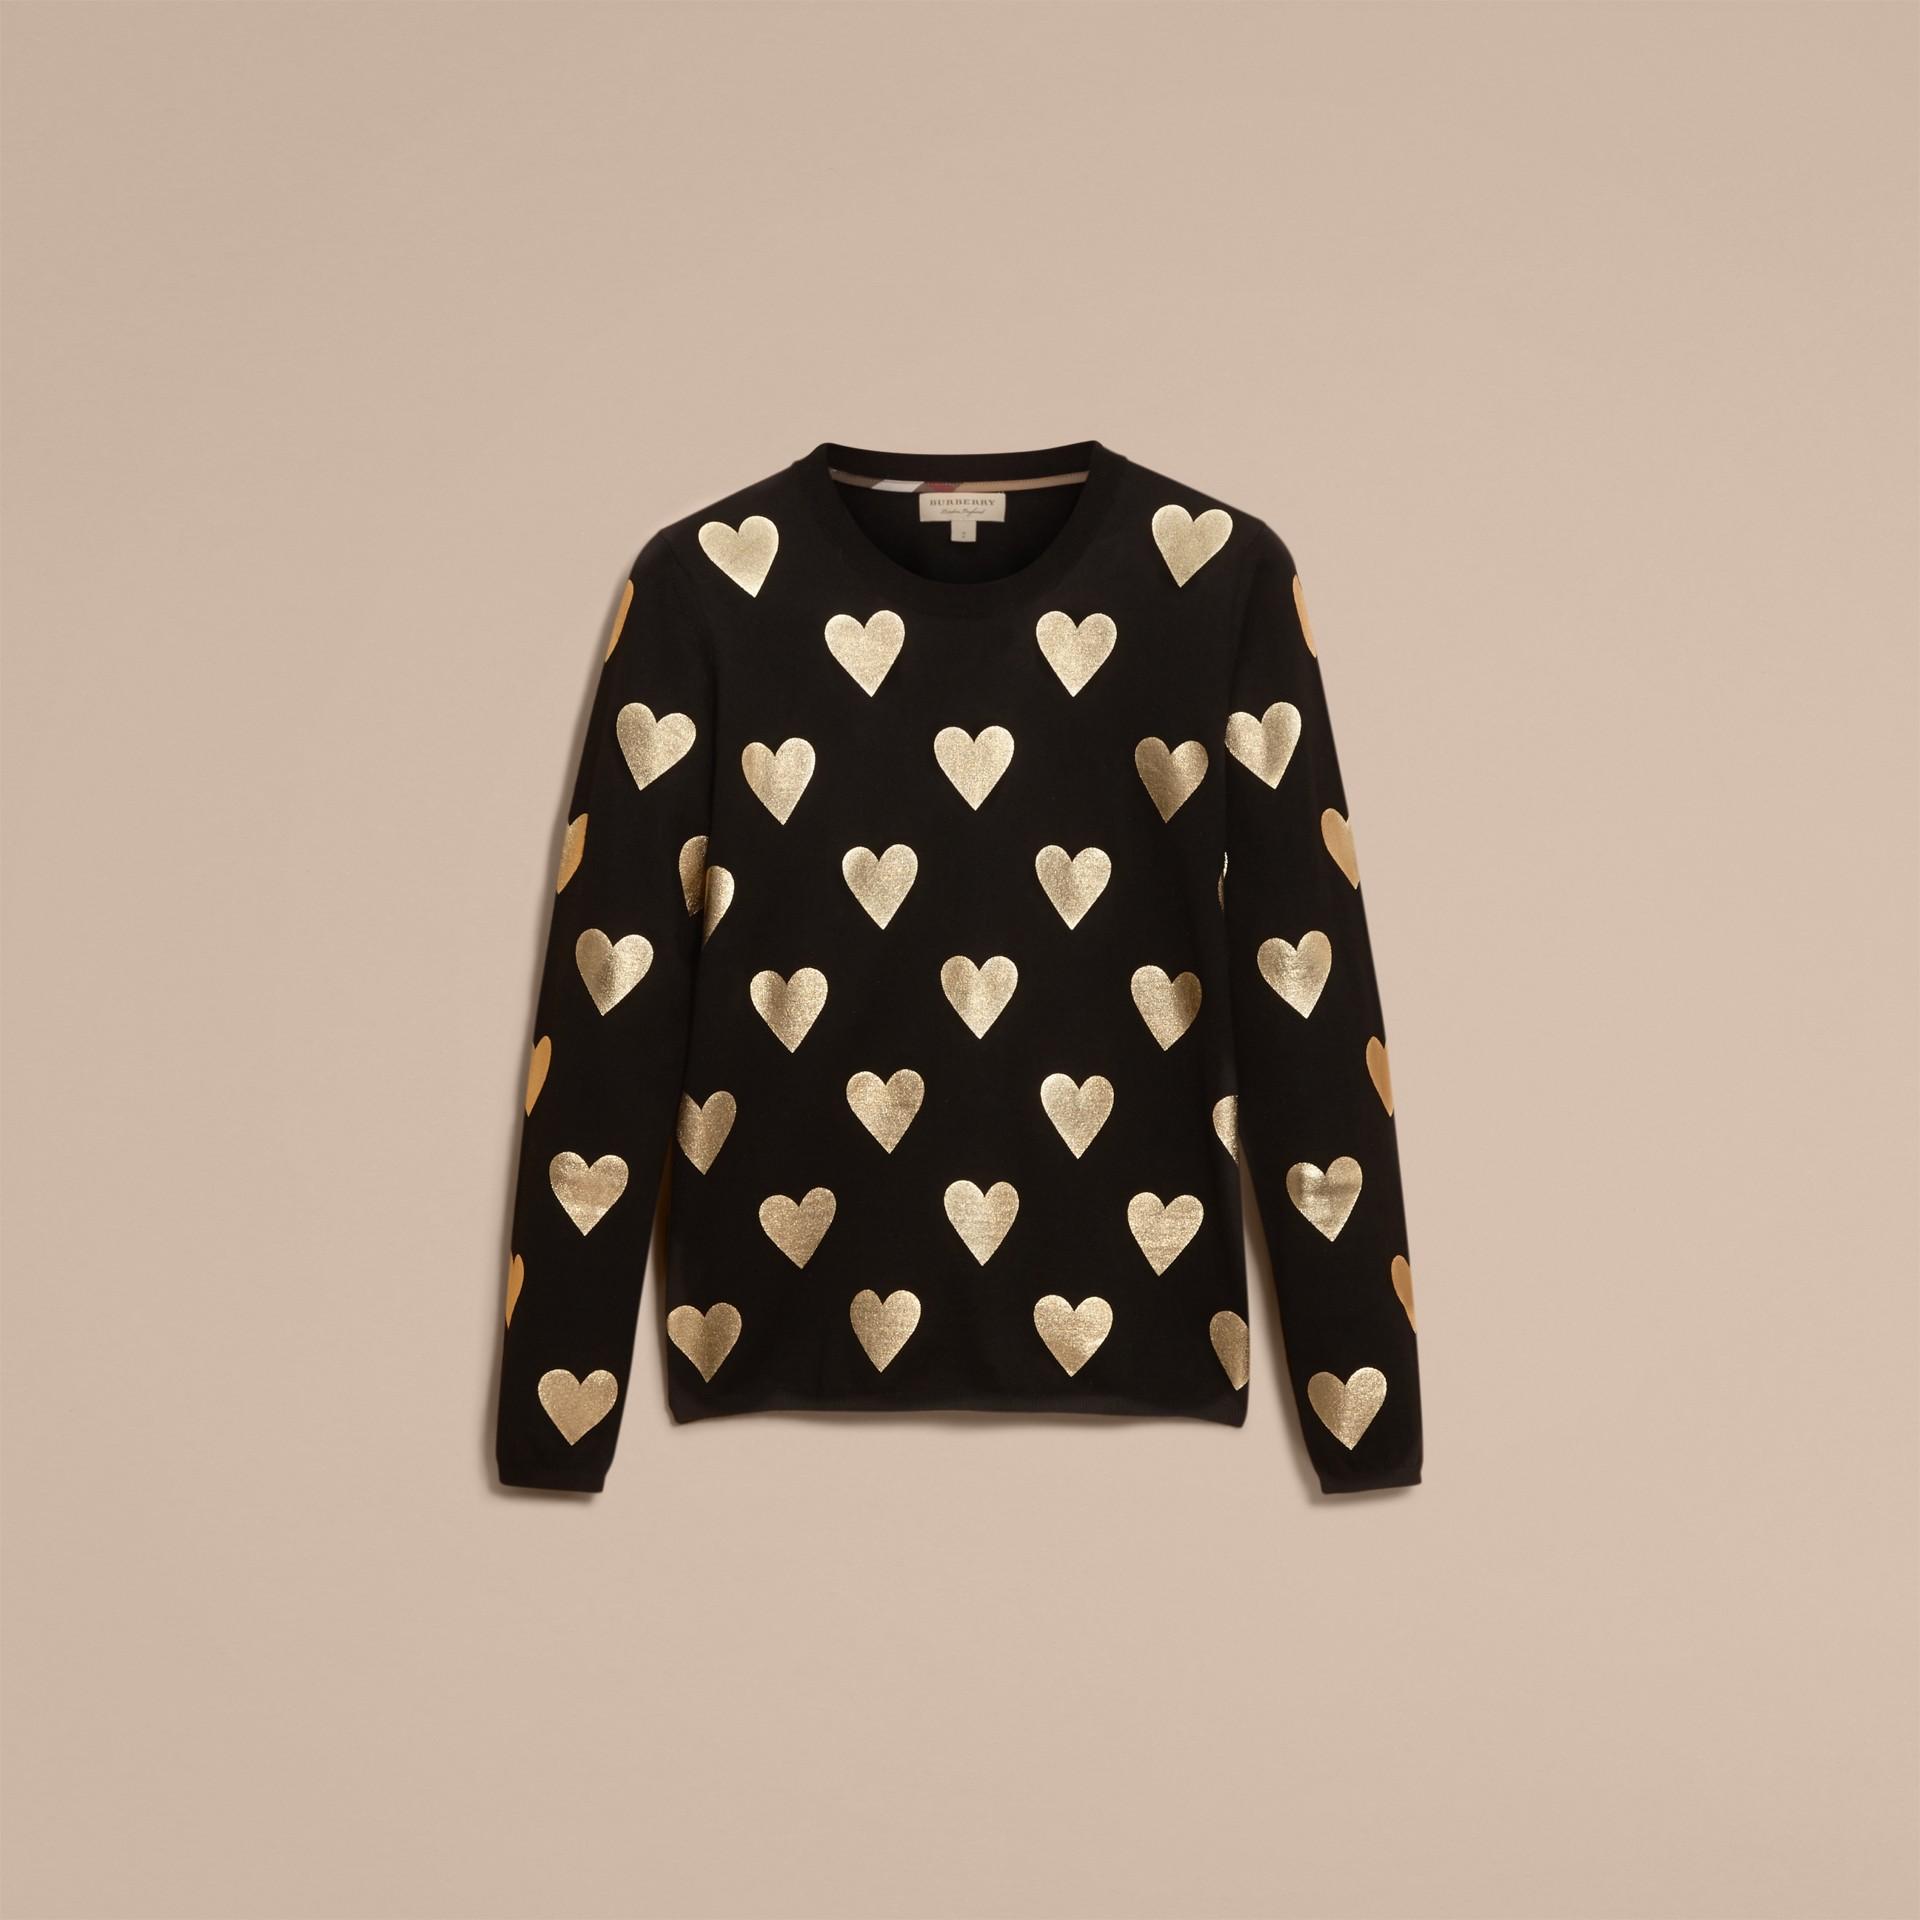 ブラック クルーネック ハートプリント メリノウールセーター ブラック - ギャラリーイメージ 4